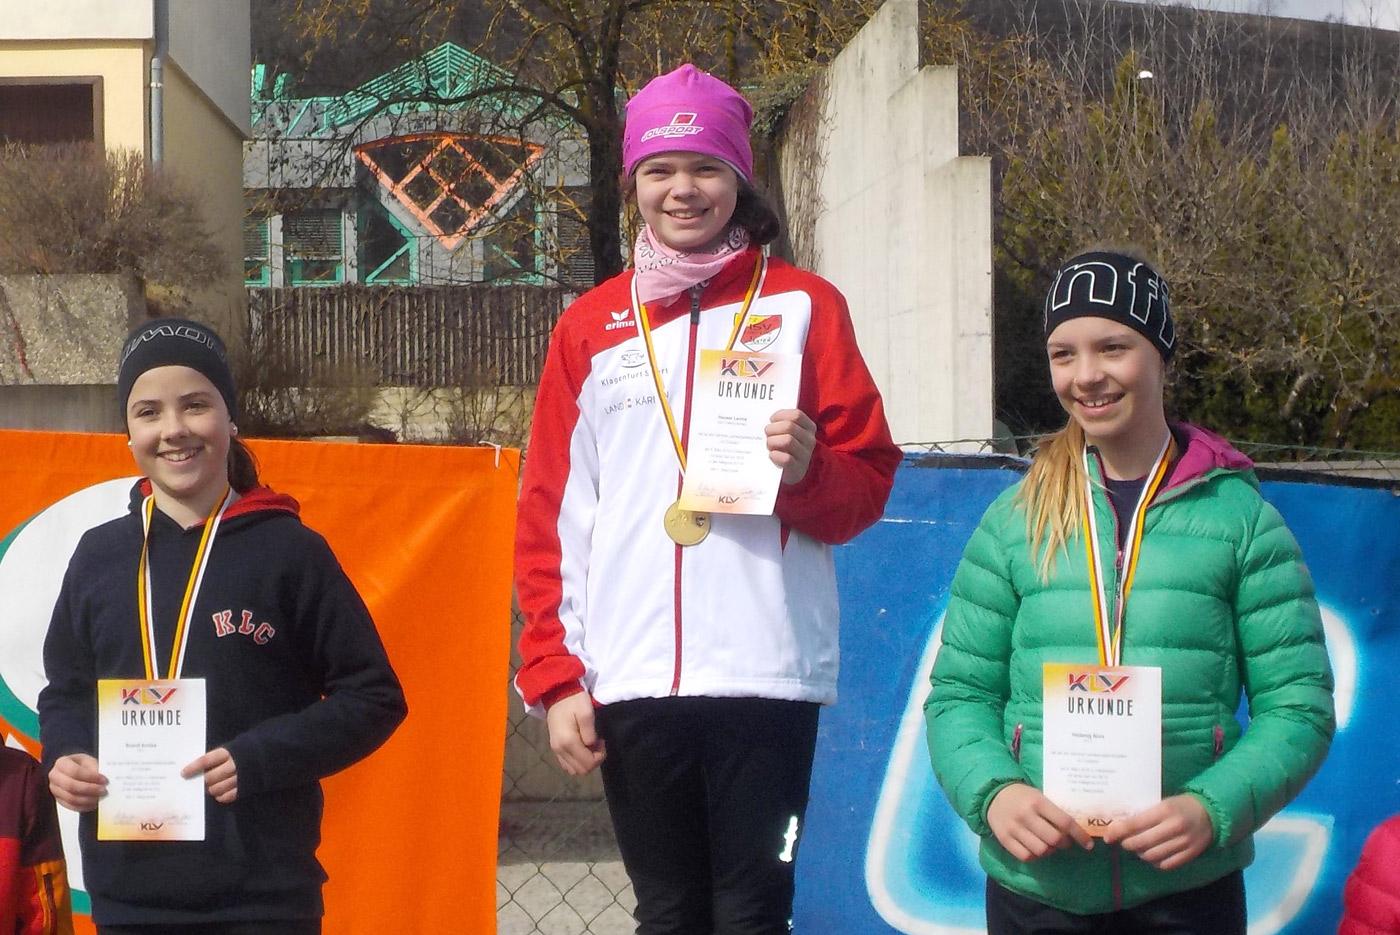 Leonie Hauser (Bildmitte) bei der Einzelsiegerehrung. Foto: HSV KK